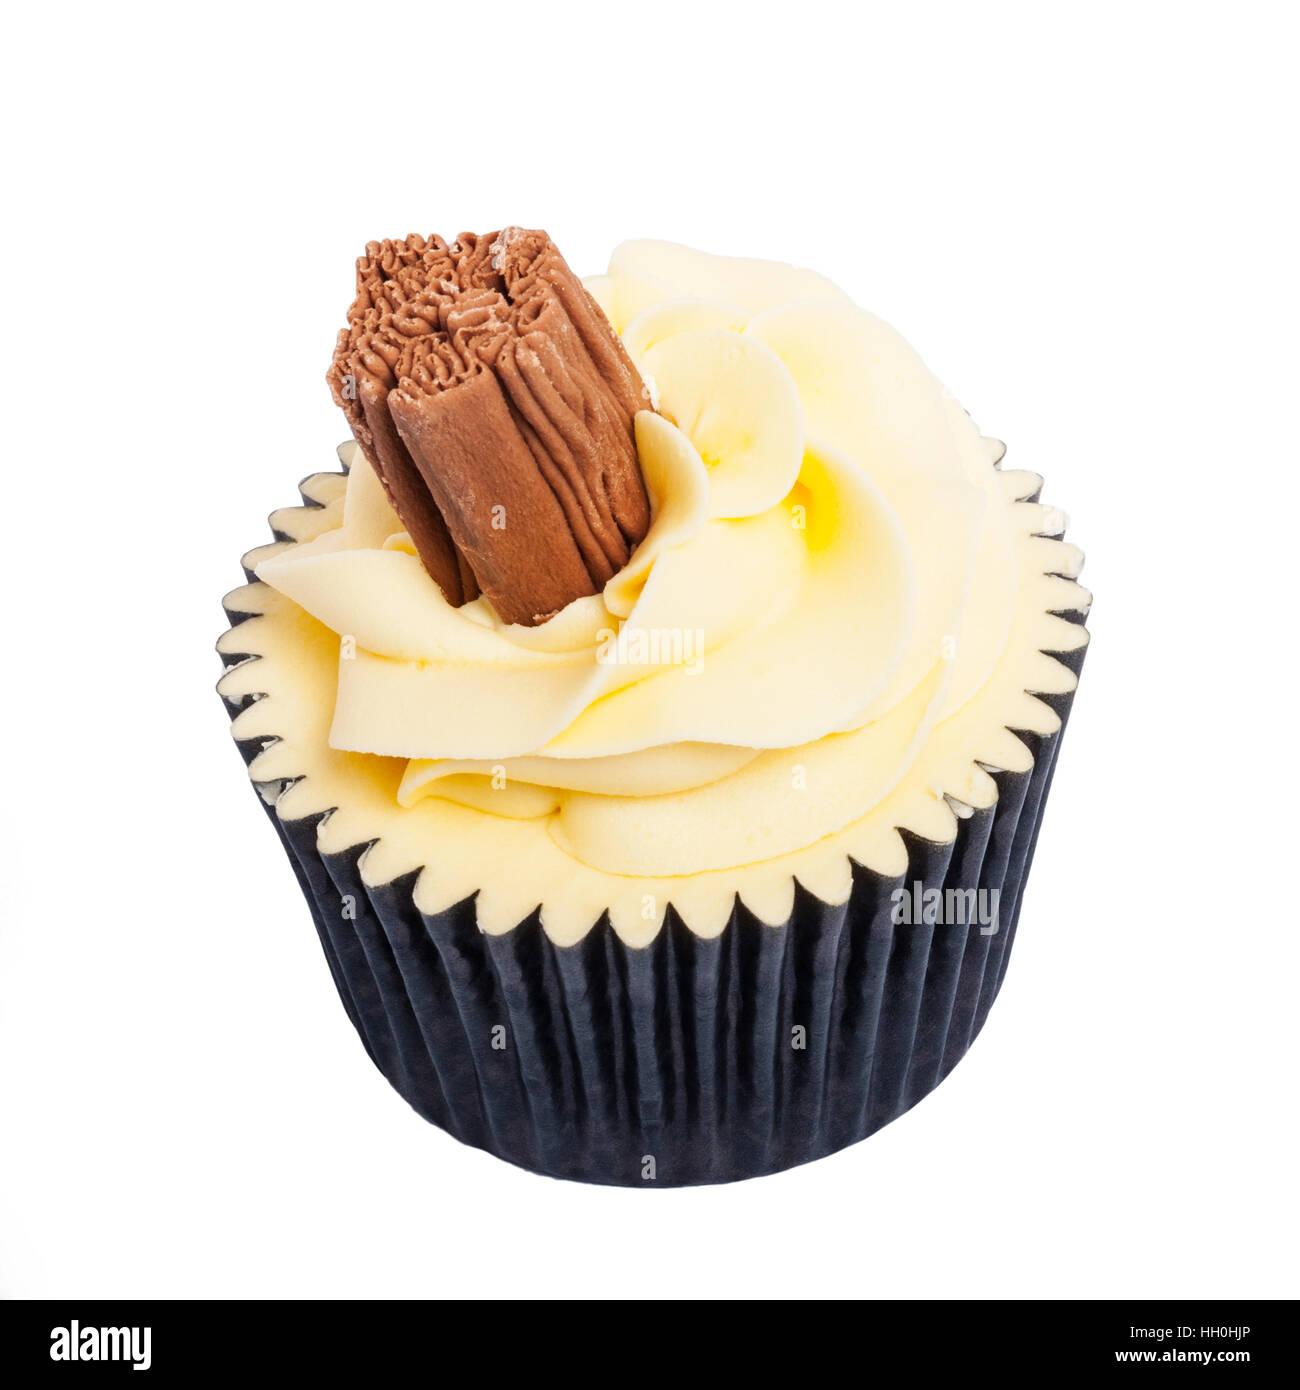 Un hogar hecho cupcake de vainilla sobre un fondo blanco. Foto de stock